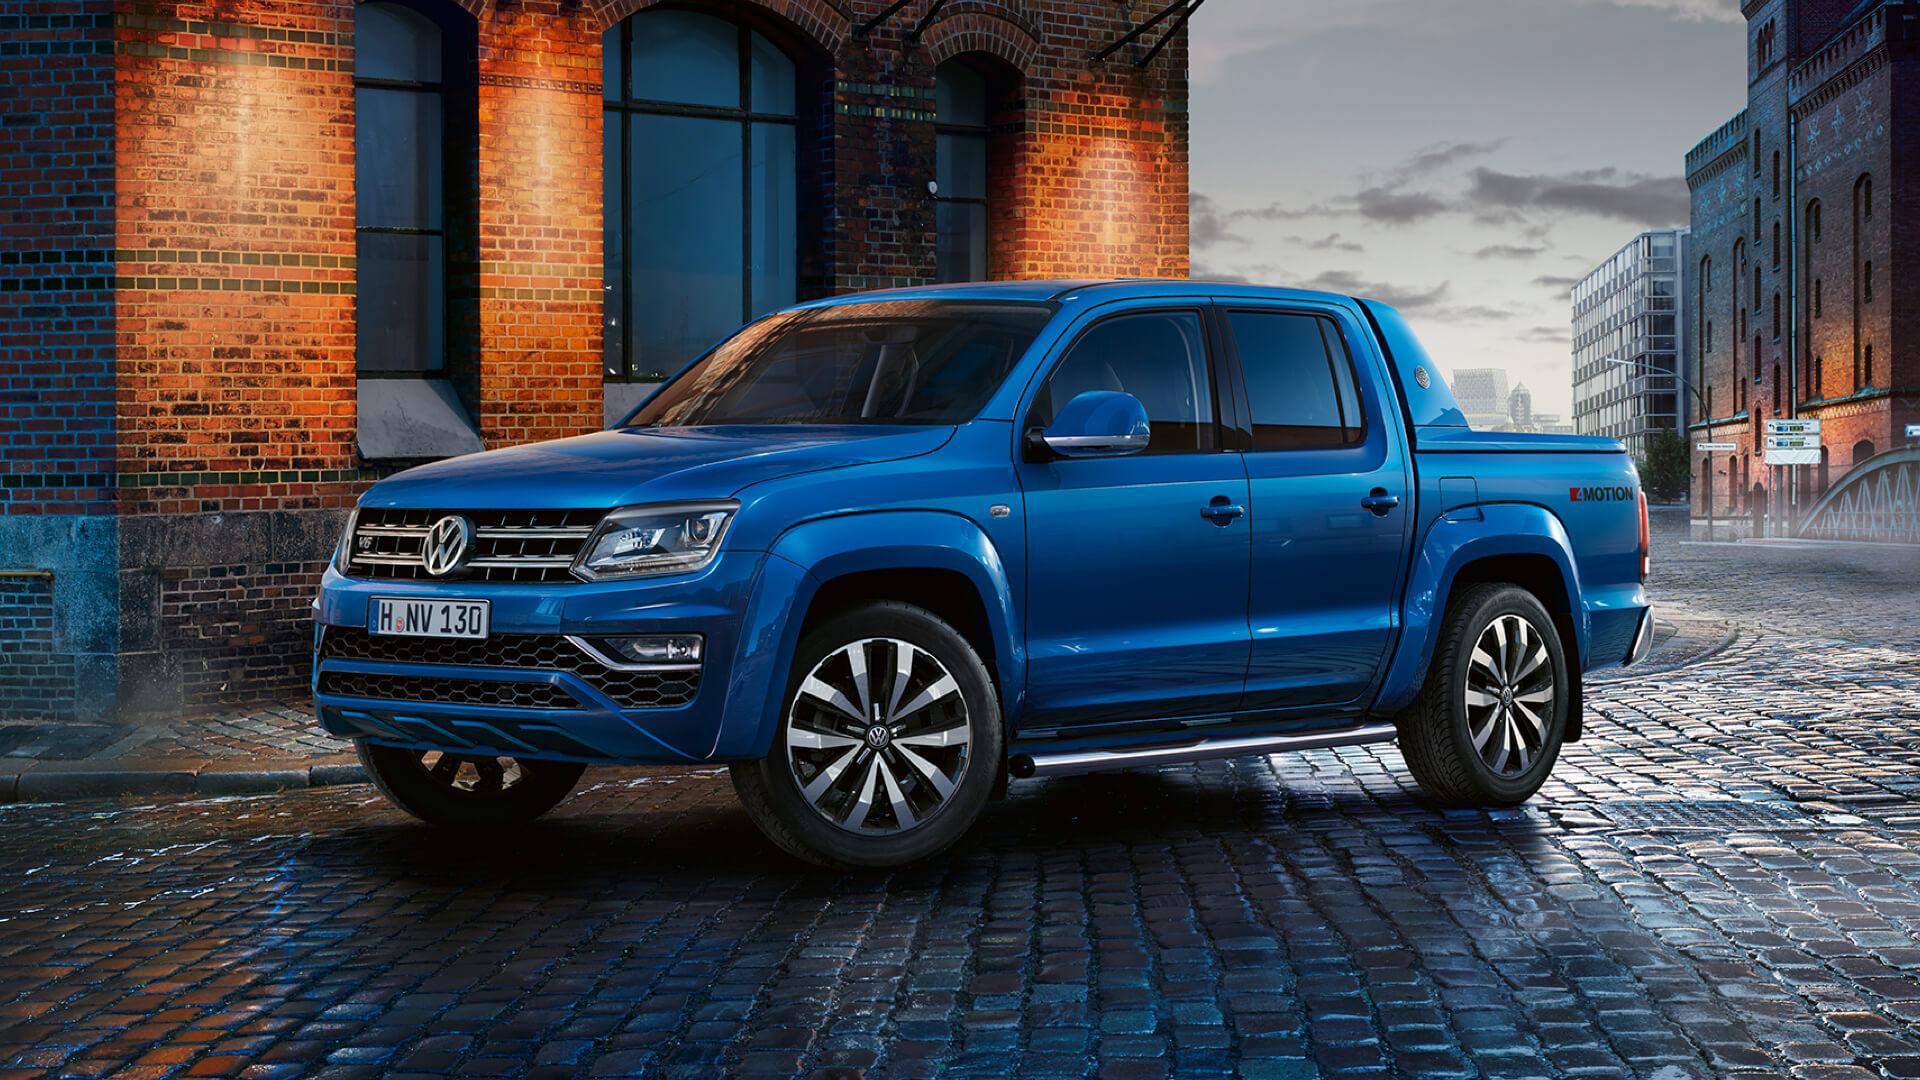 Сейчас Volkswagen не смотрит на саму компанию Jeep и не рассматривает поглощение Fiat Chrysler.